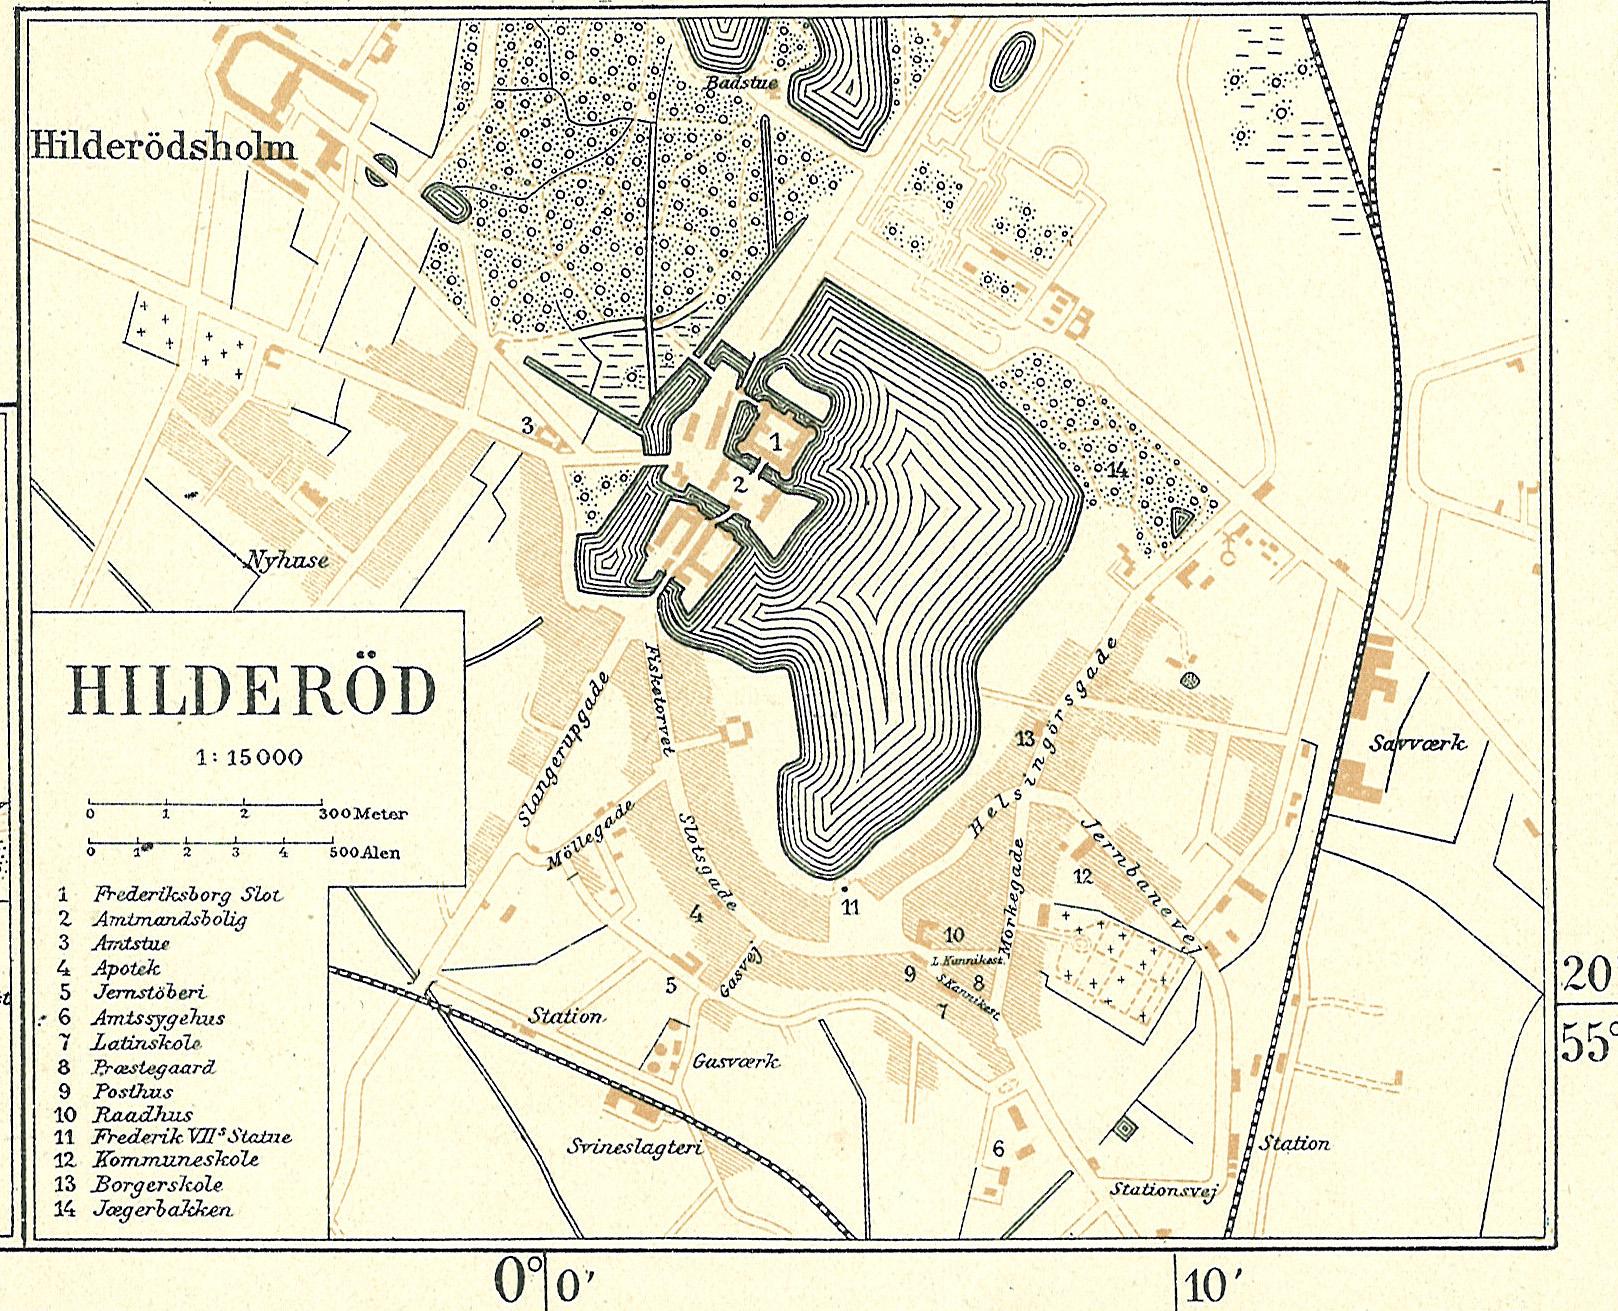 Fil Hillerod 1900 Jpg Wikipedia Den Frie Encyklopaedi